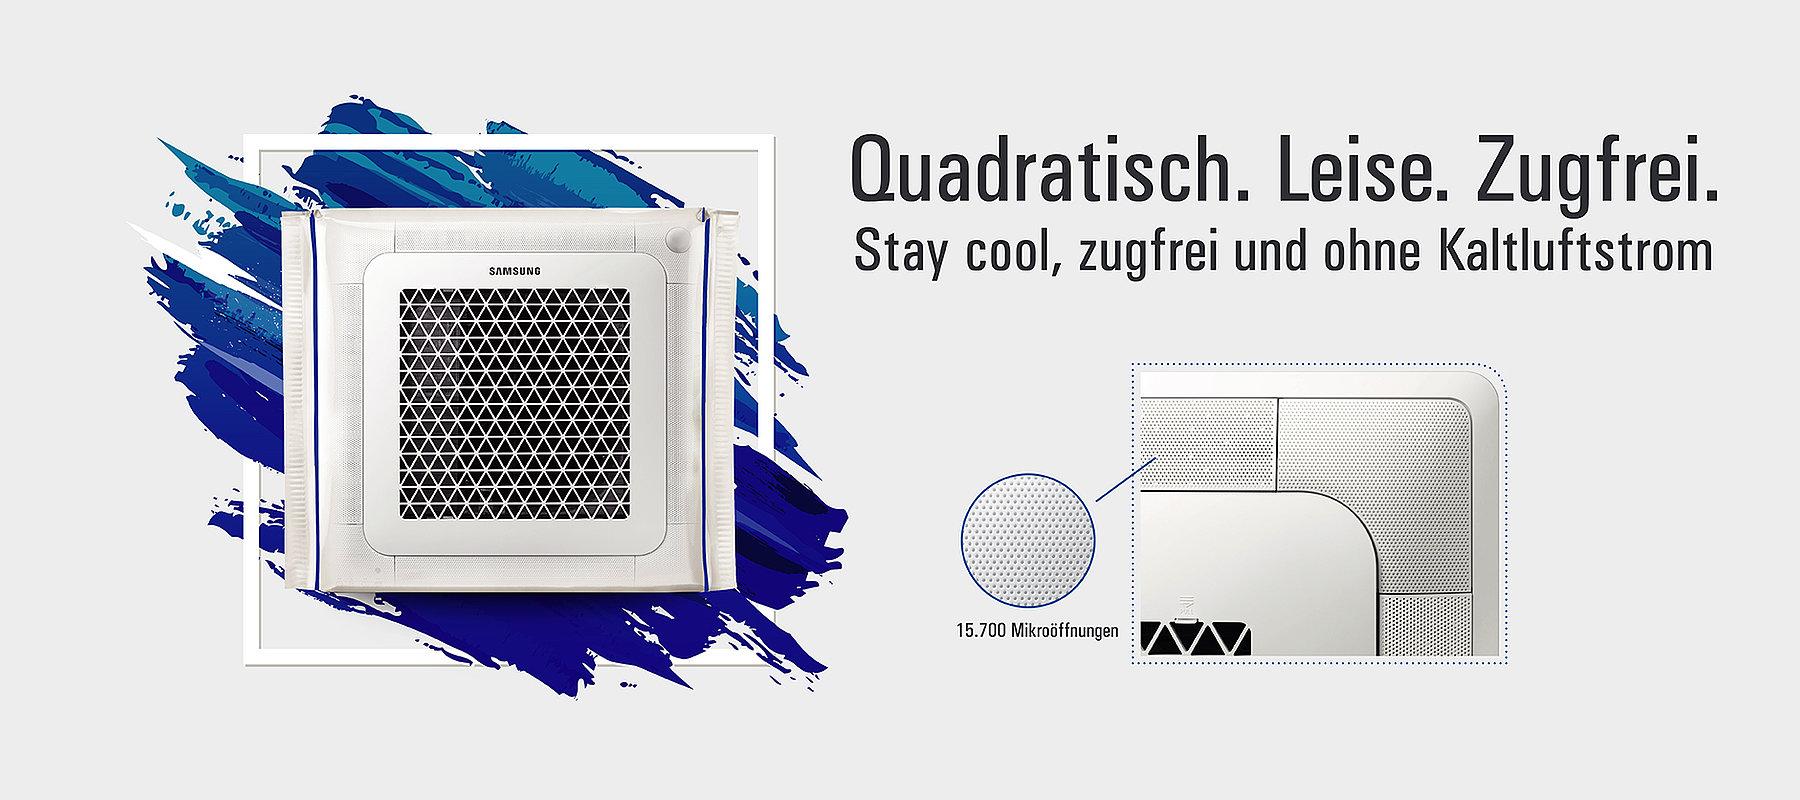 Quadratisch. Zugfrei. Leise. - Stay cool zugfrei ohne Kaltluftstrom.